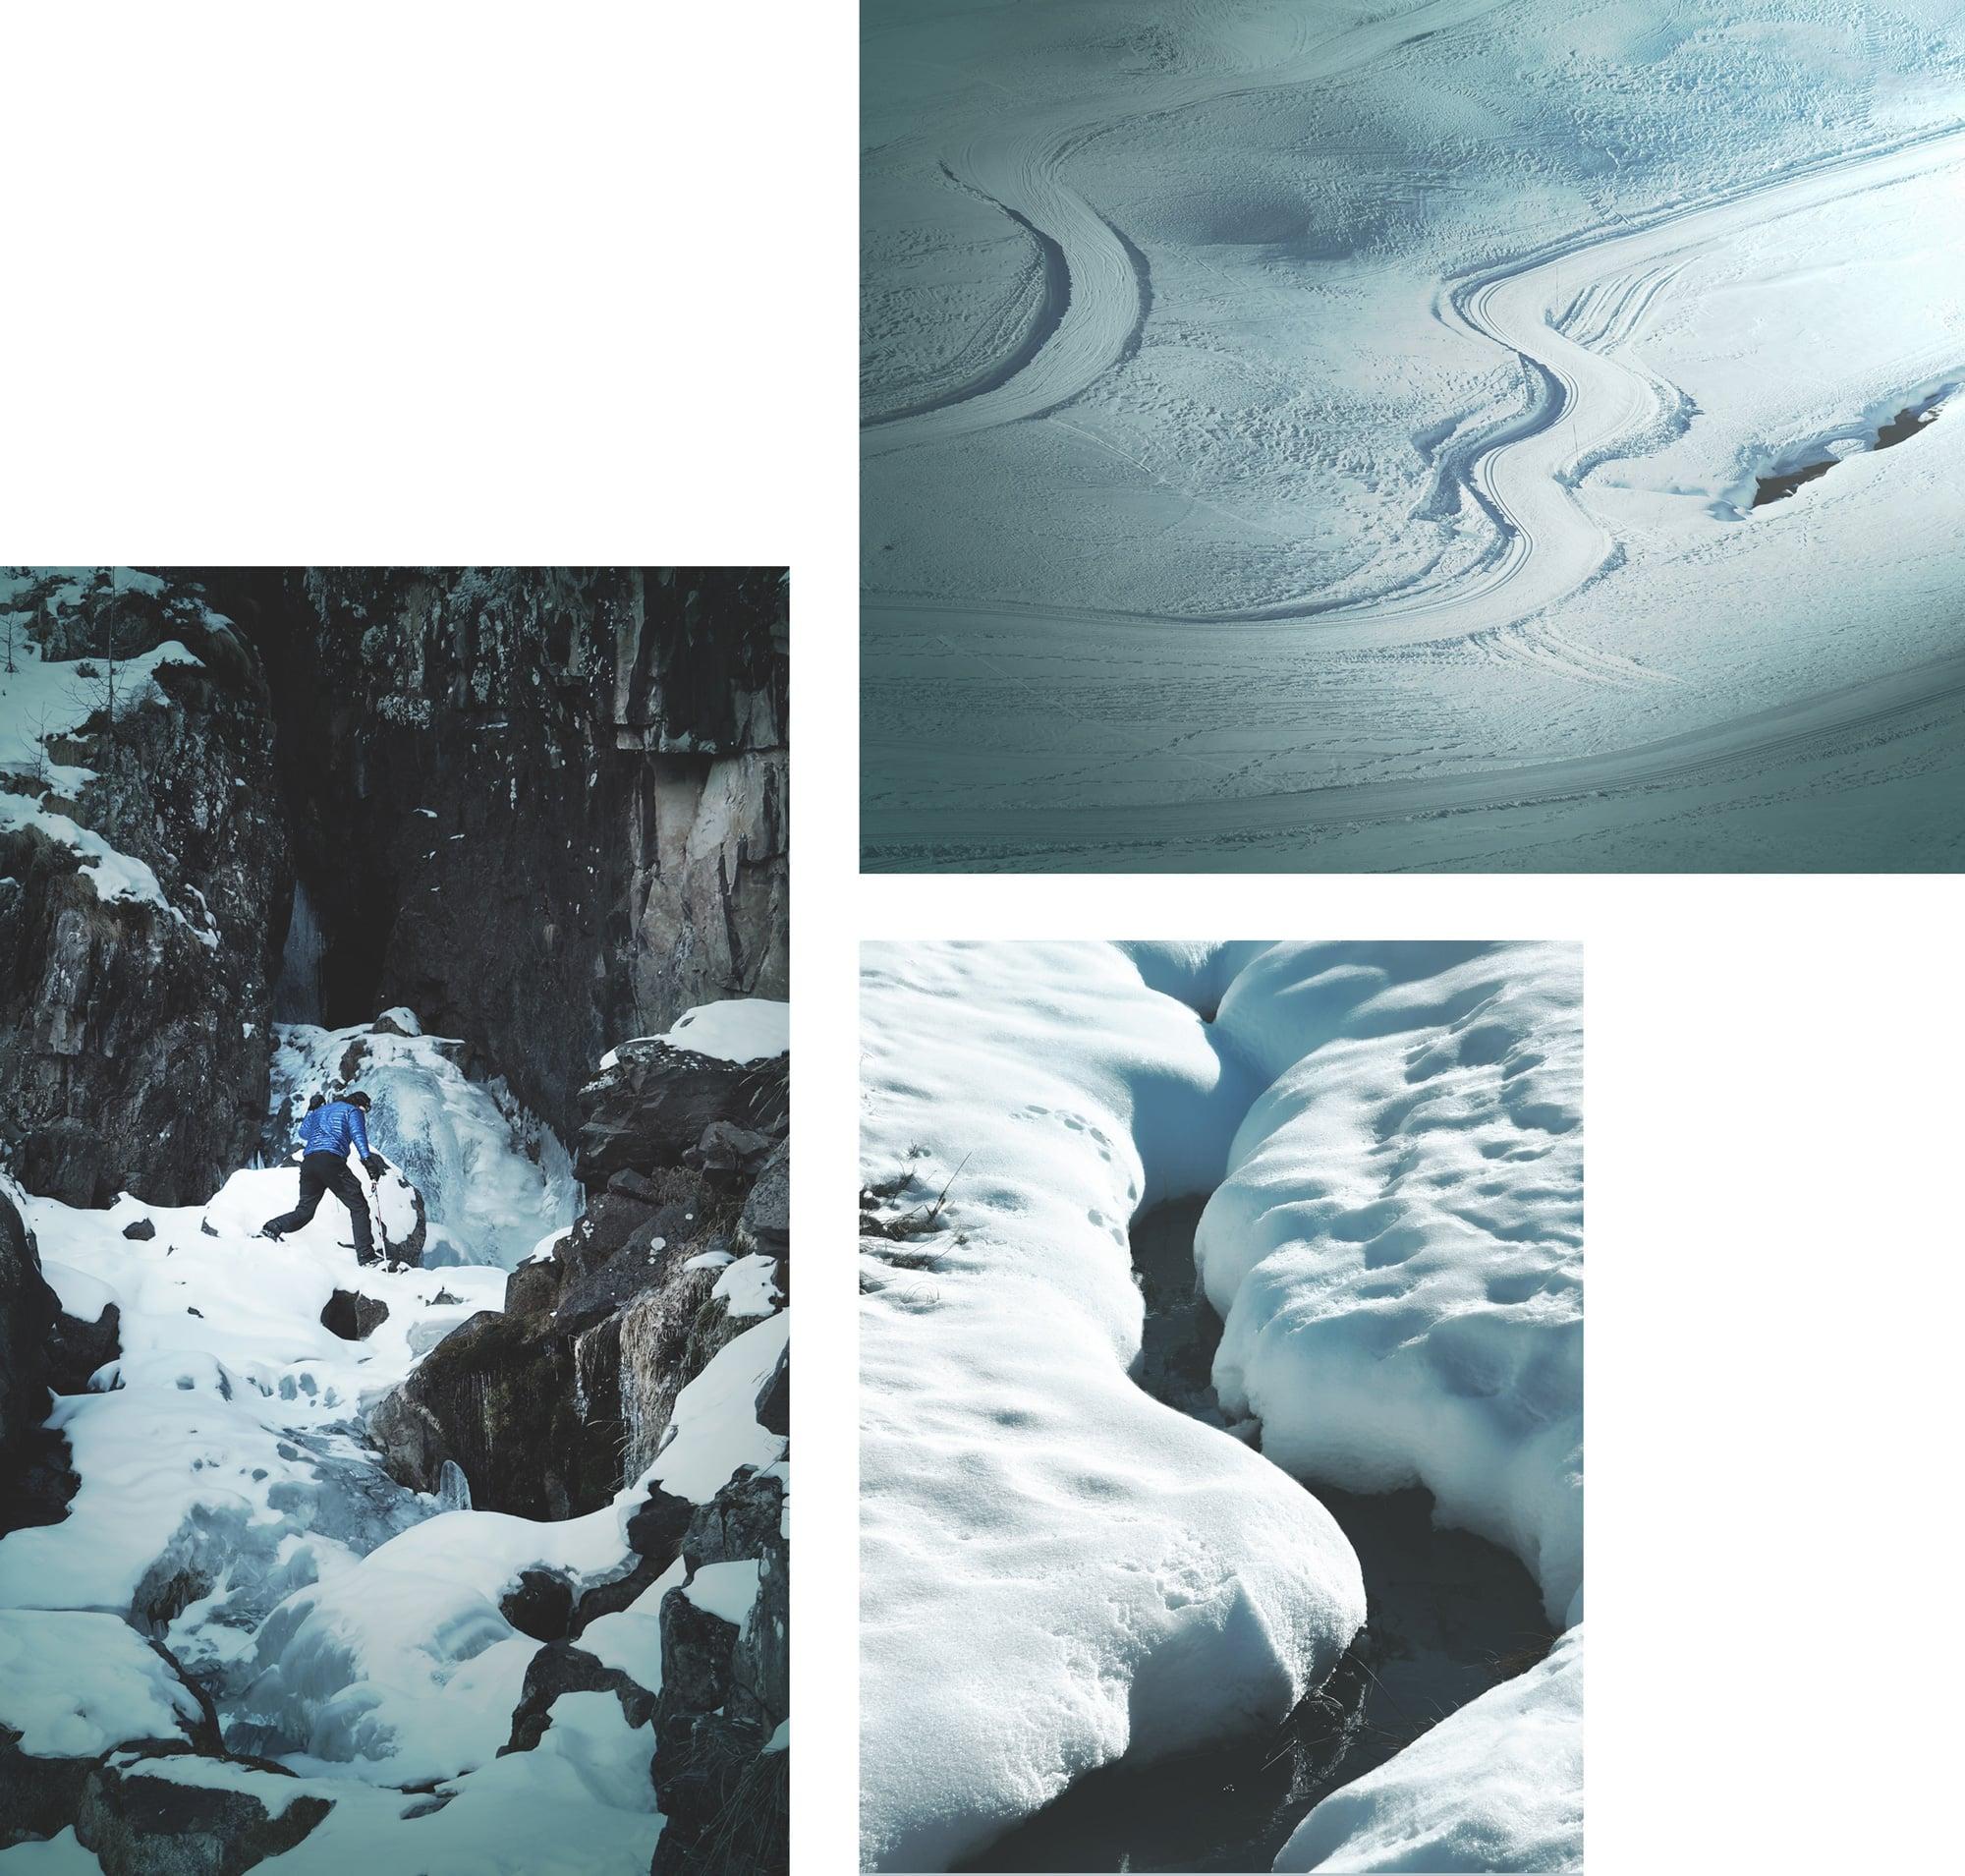 montagne sans ski Alpes que faire